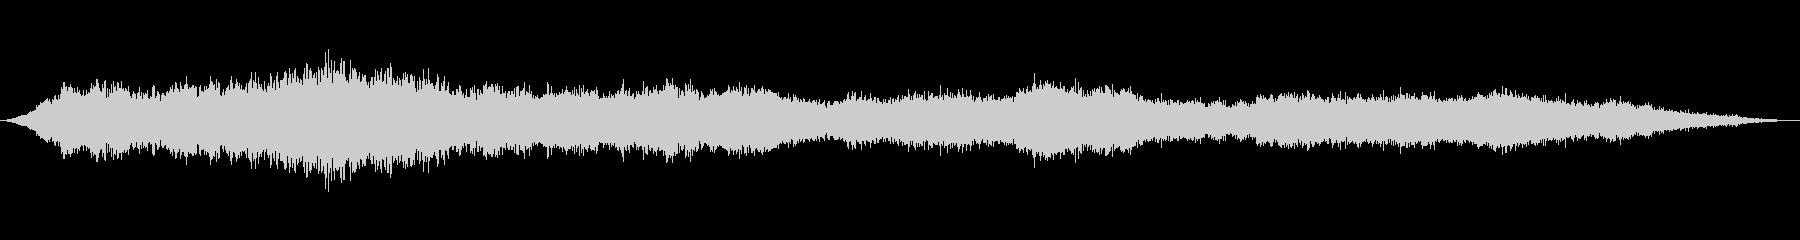 ダークドミニオンの未再生の波形